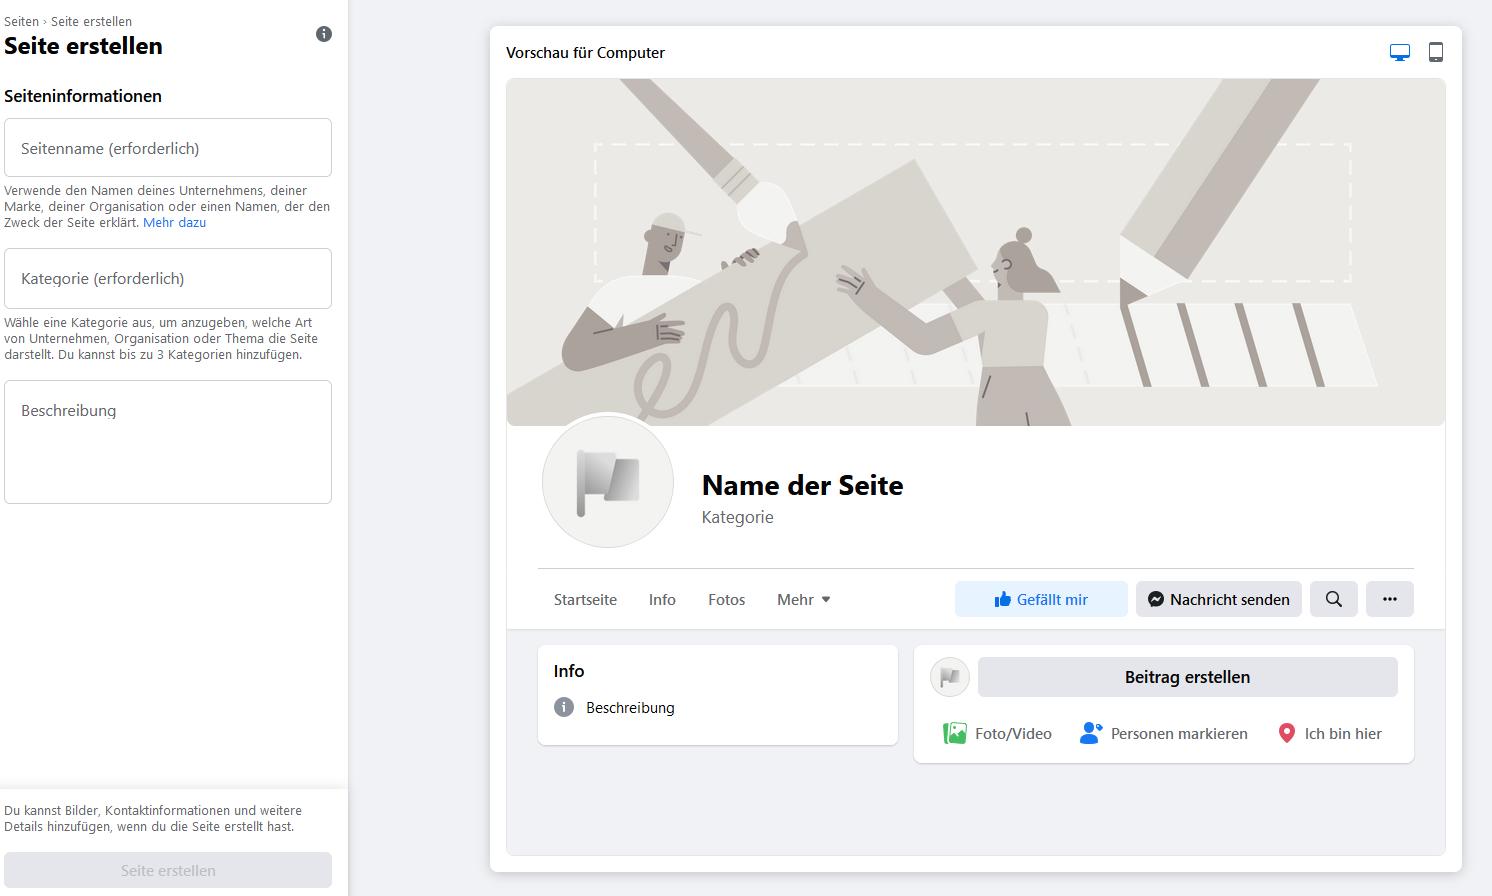 Facebook Unternehmensseite erstellen - Seite erstellen